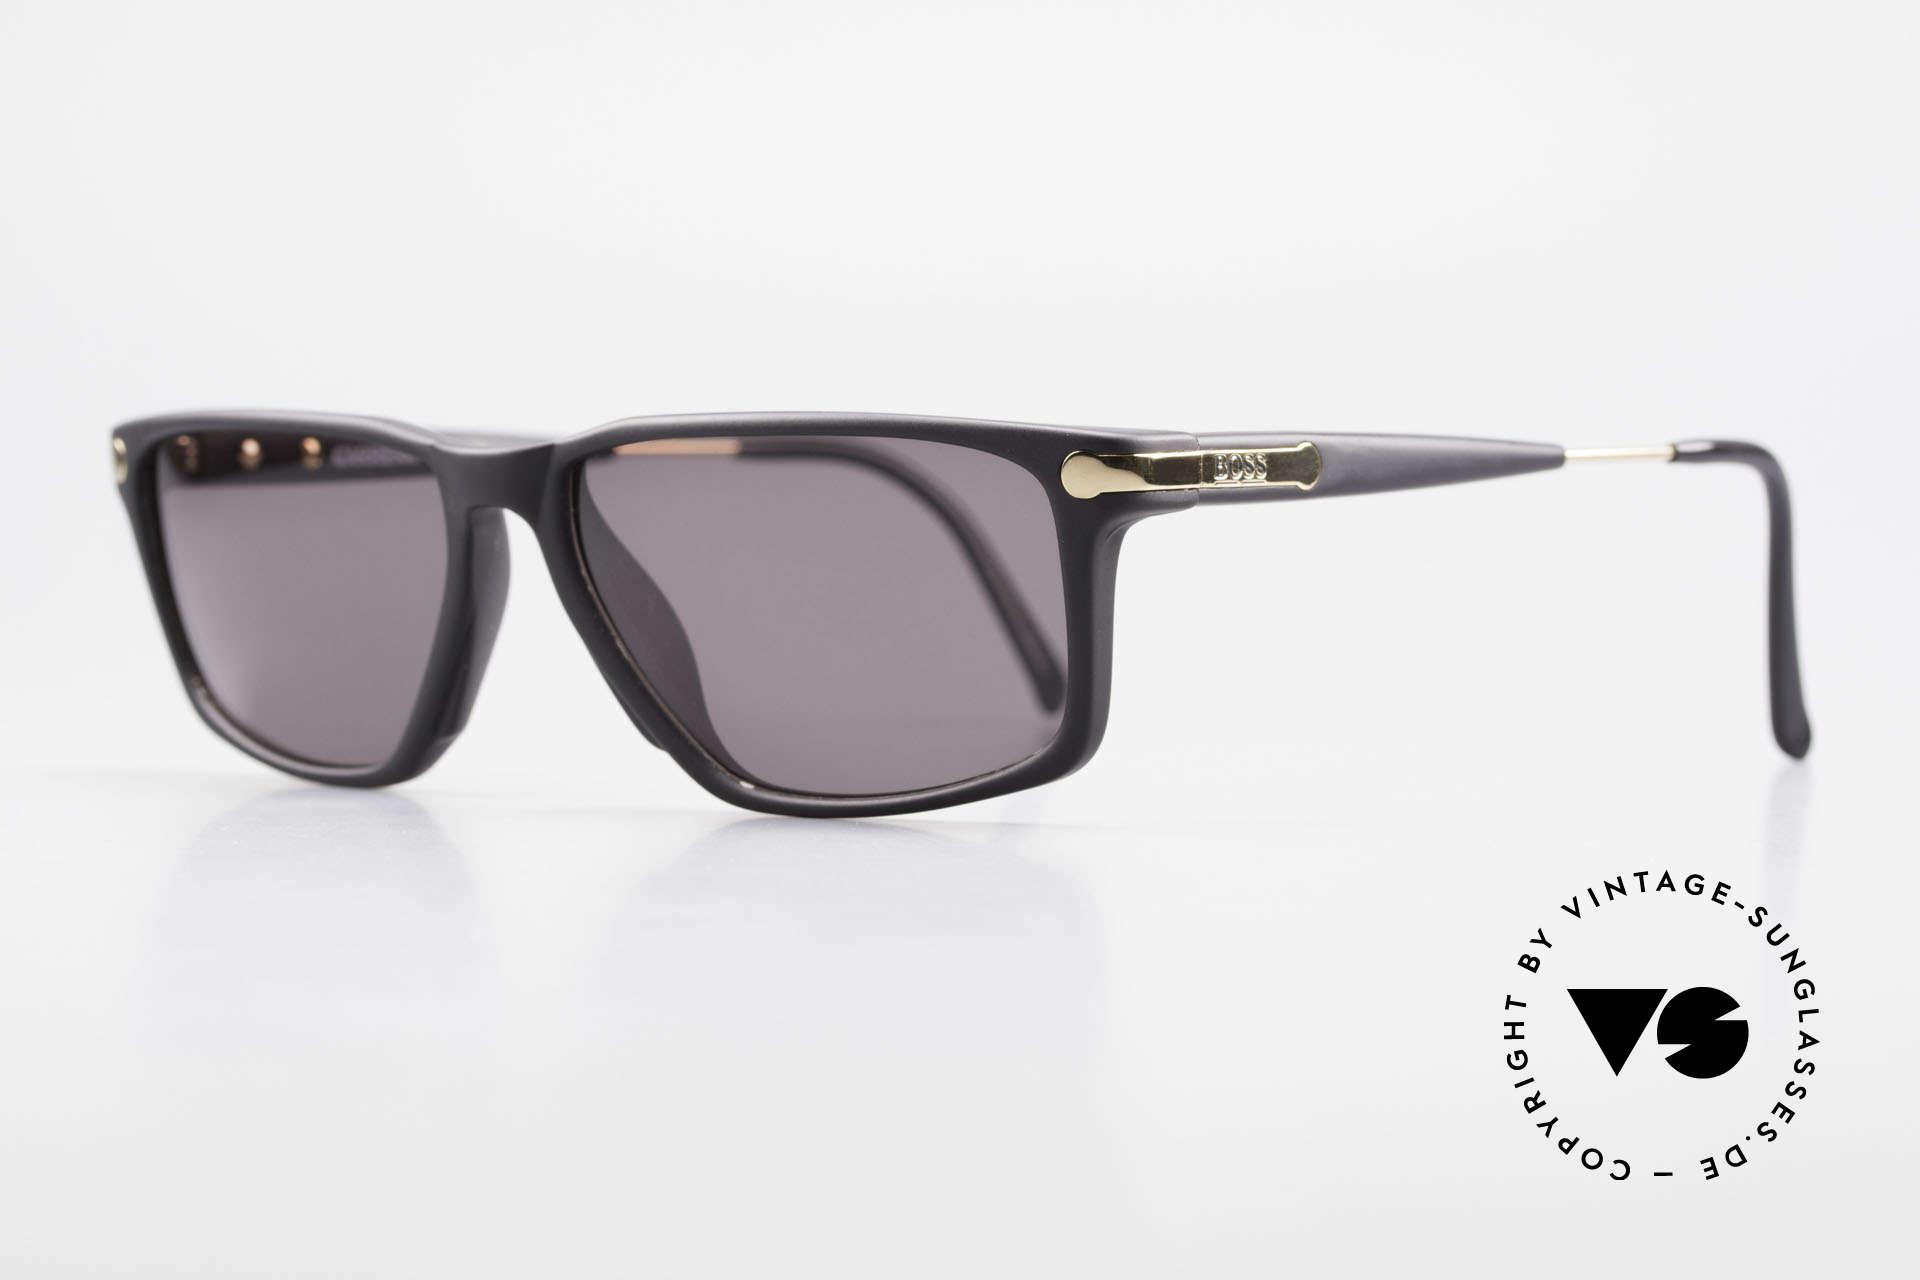 BOSS 5174 Vintage Sonnenbrille Eckig, Rahmen aus enorm hochwertigem Optyl-Kunststoff, Passend für Herren